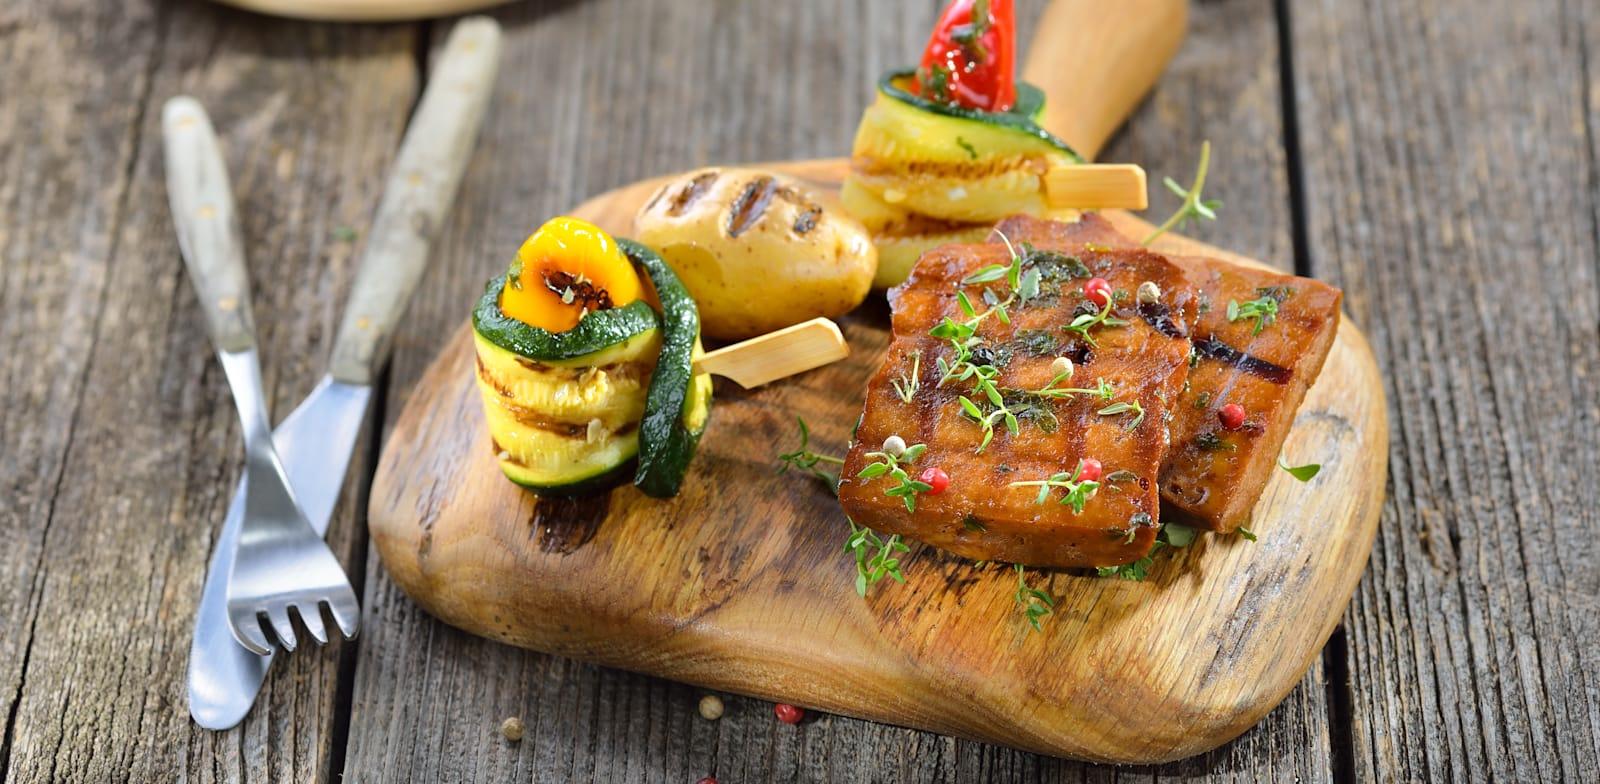 תחליפי גבינות ובשר טבעוניים / צילום: Shutterstock, Karl Allgaeuer